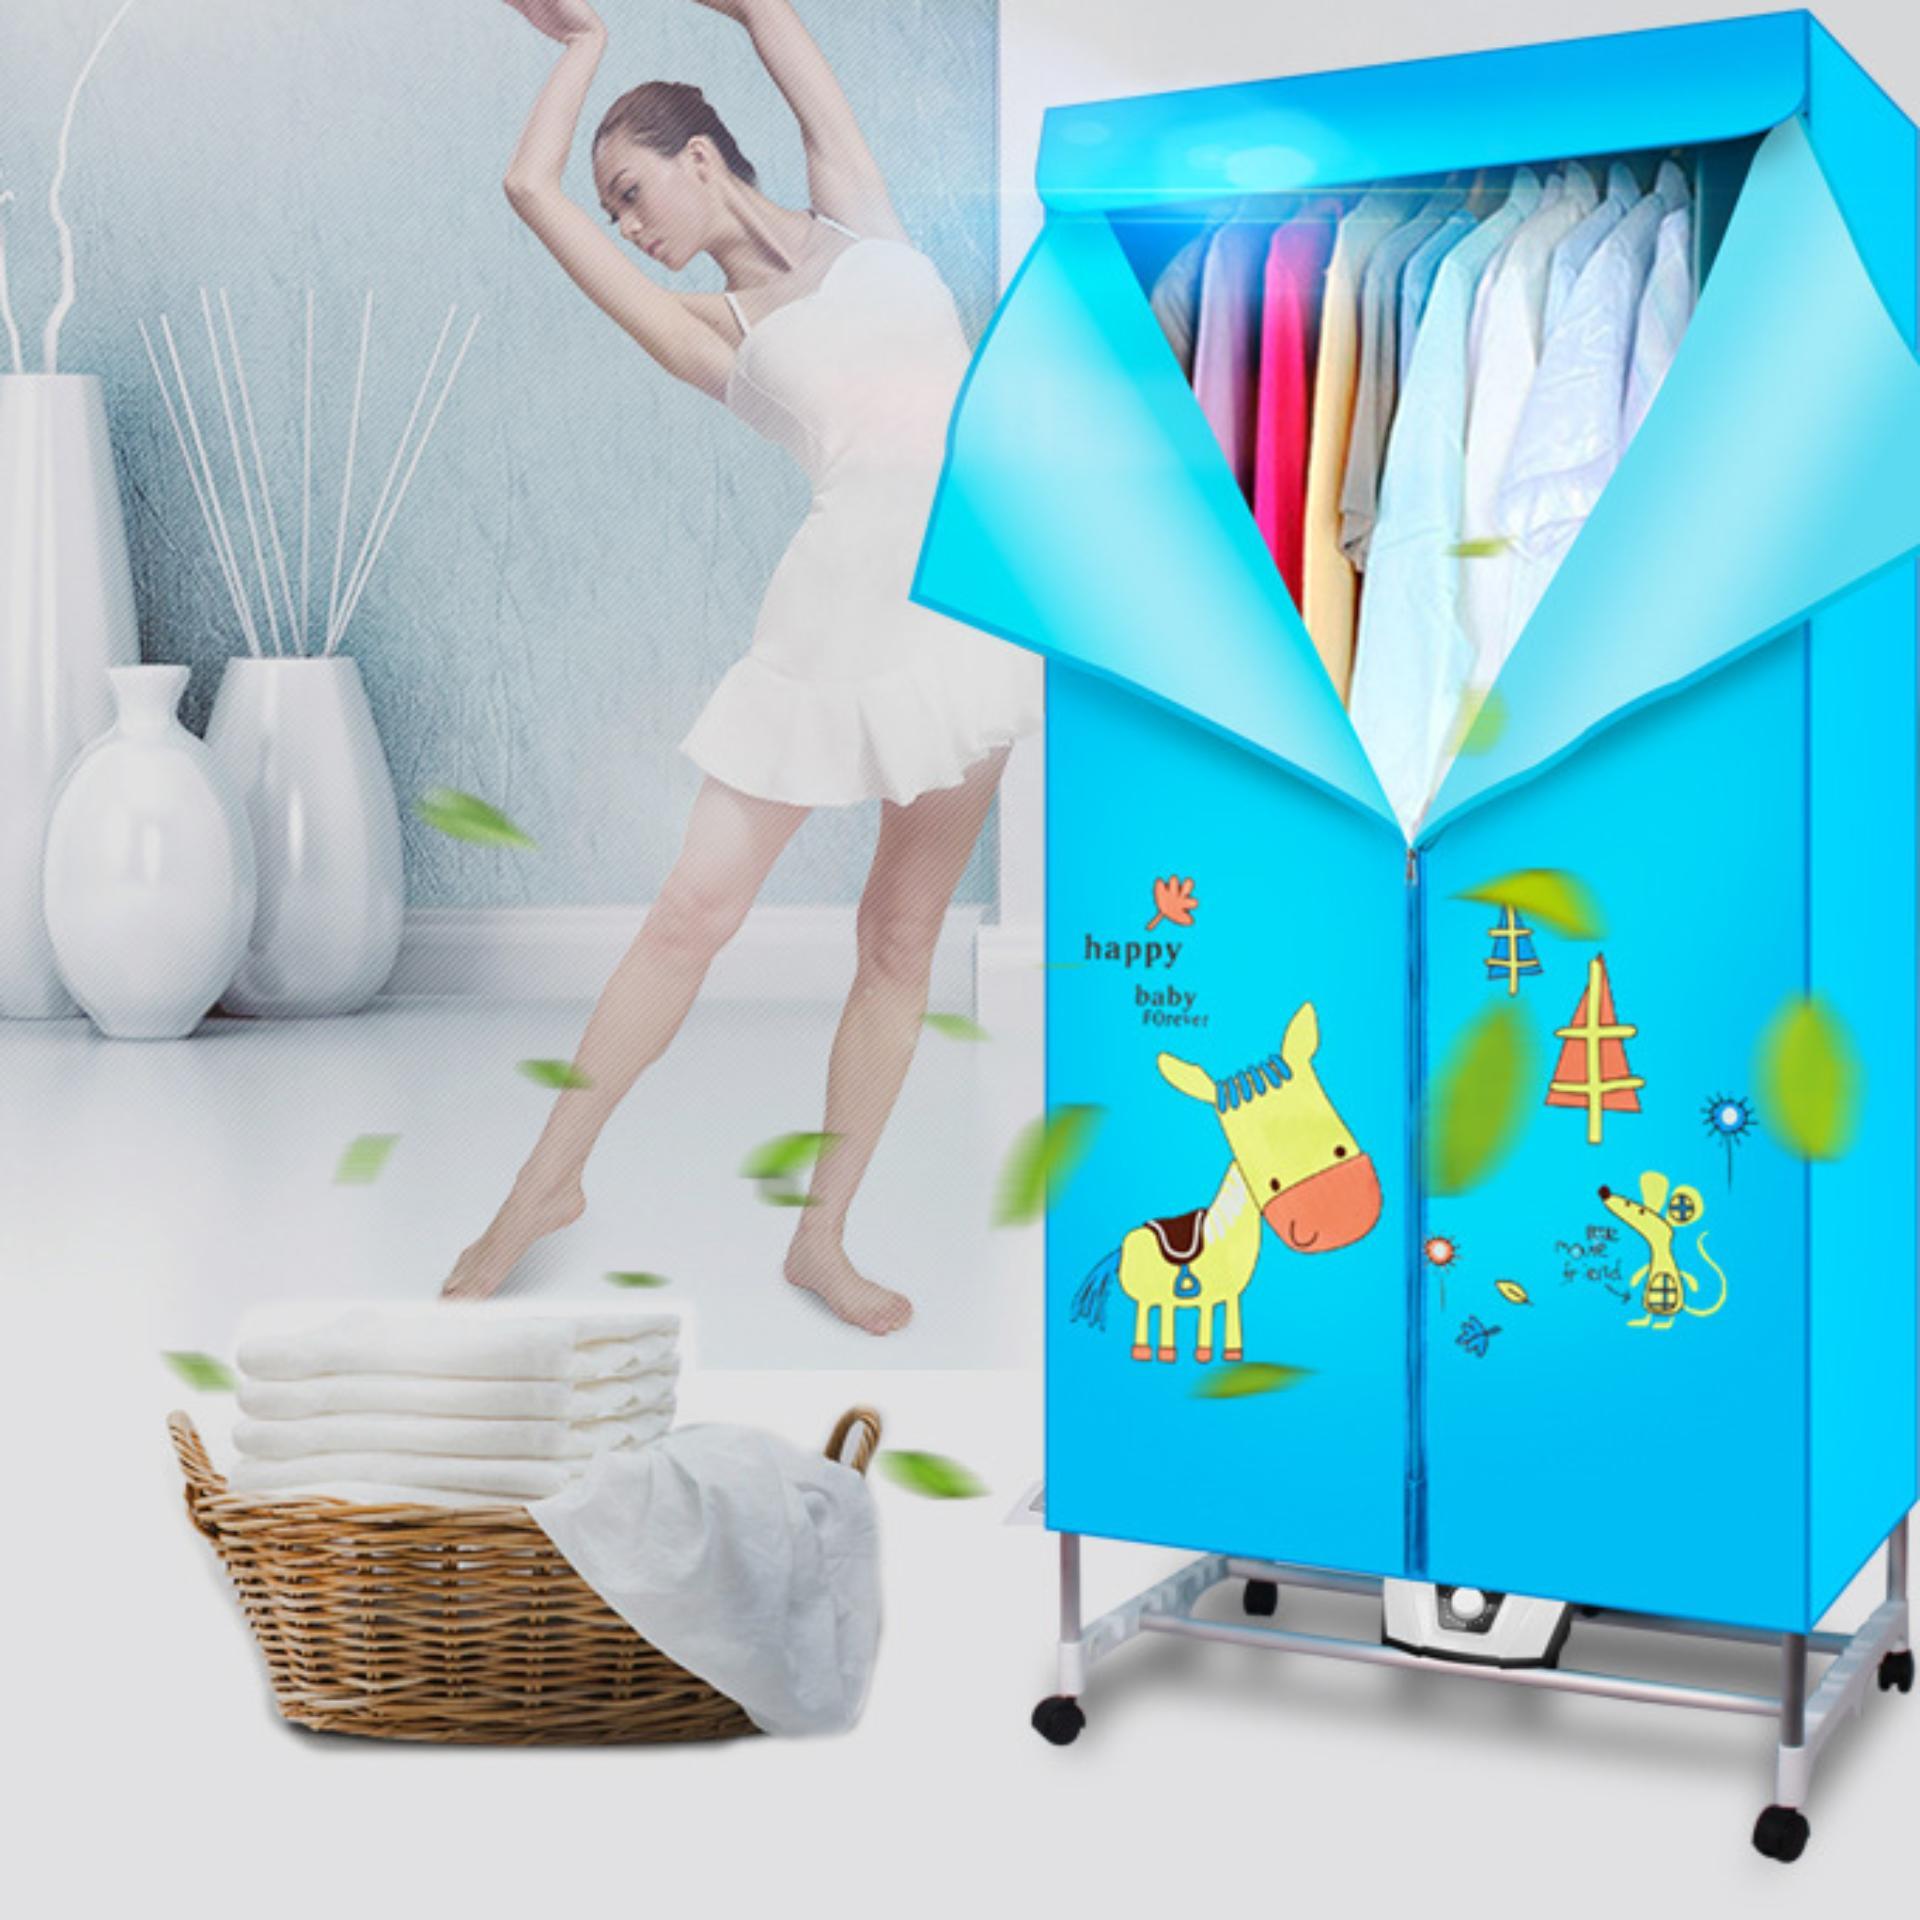 Tủ sấy quần áo gia đình lắp ghép Clothes Dryer